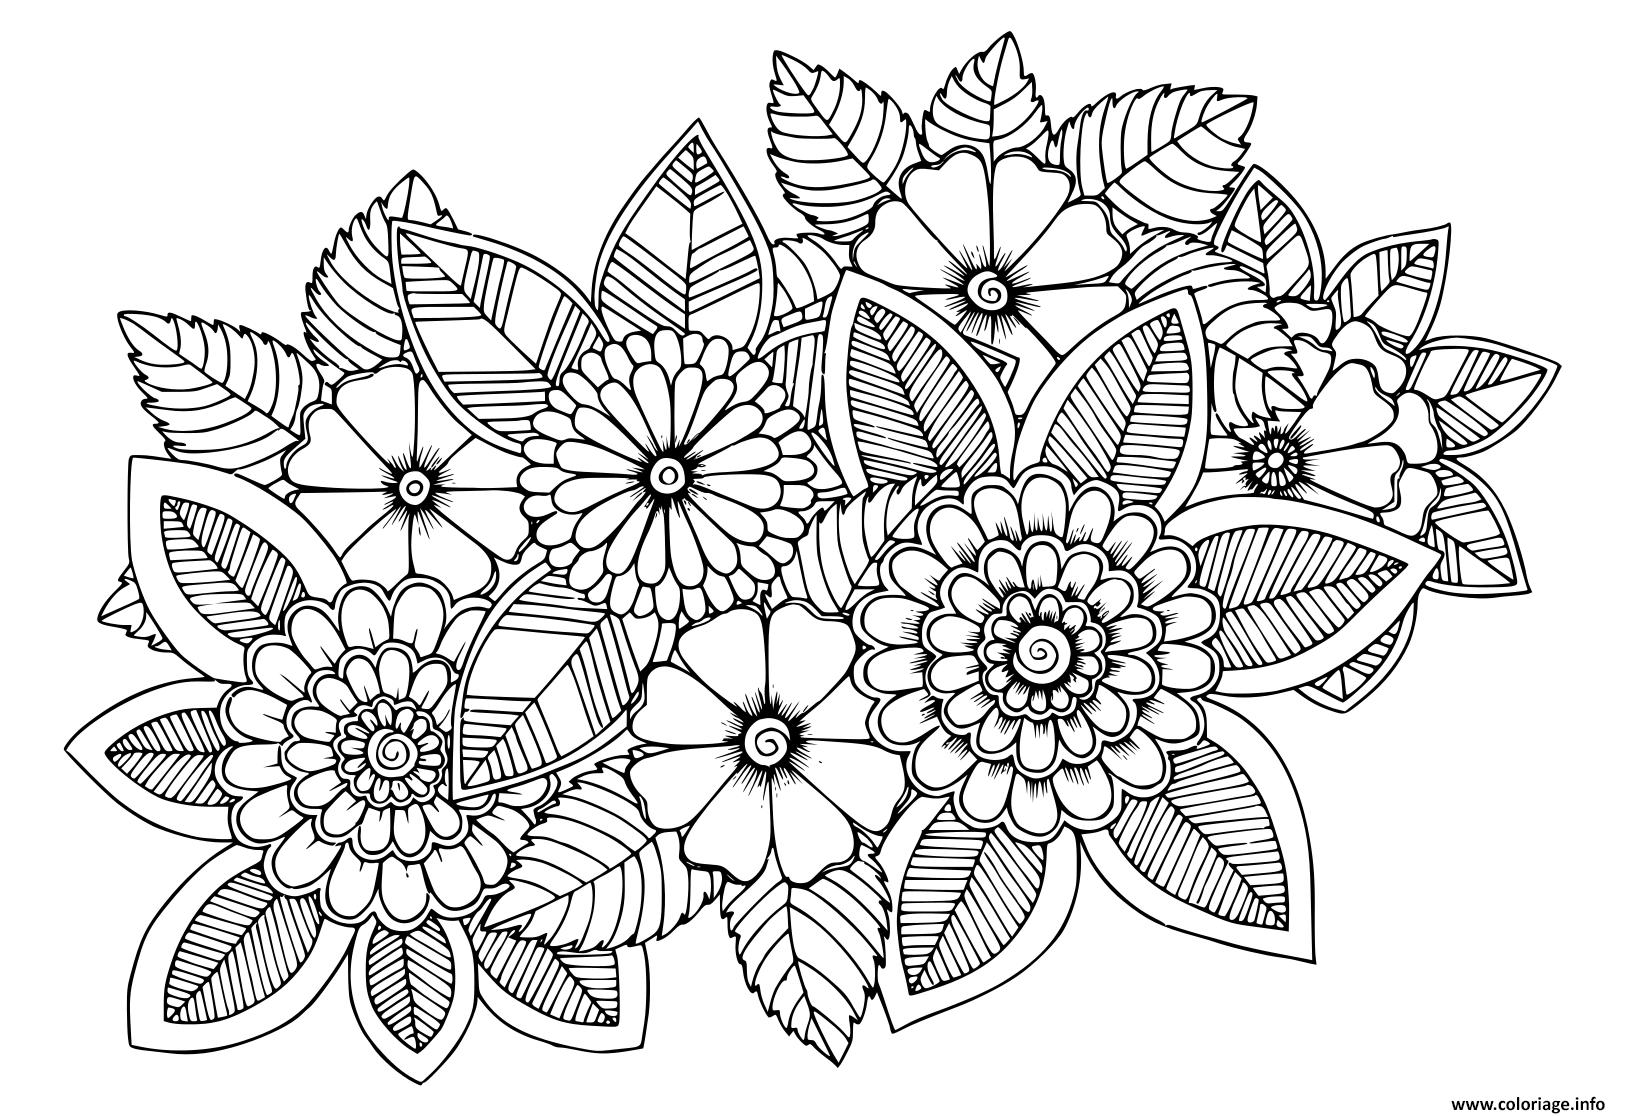 Dessin fleur vegetation fleural adulte Coloriage Gratuit à Imprimer